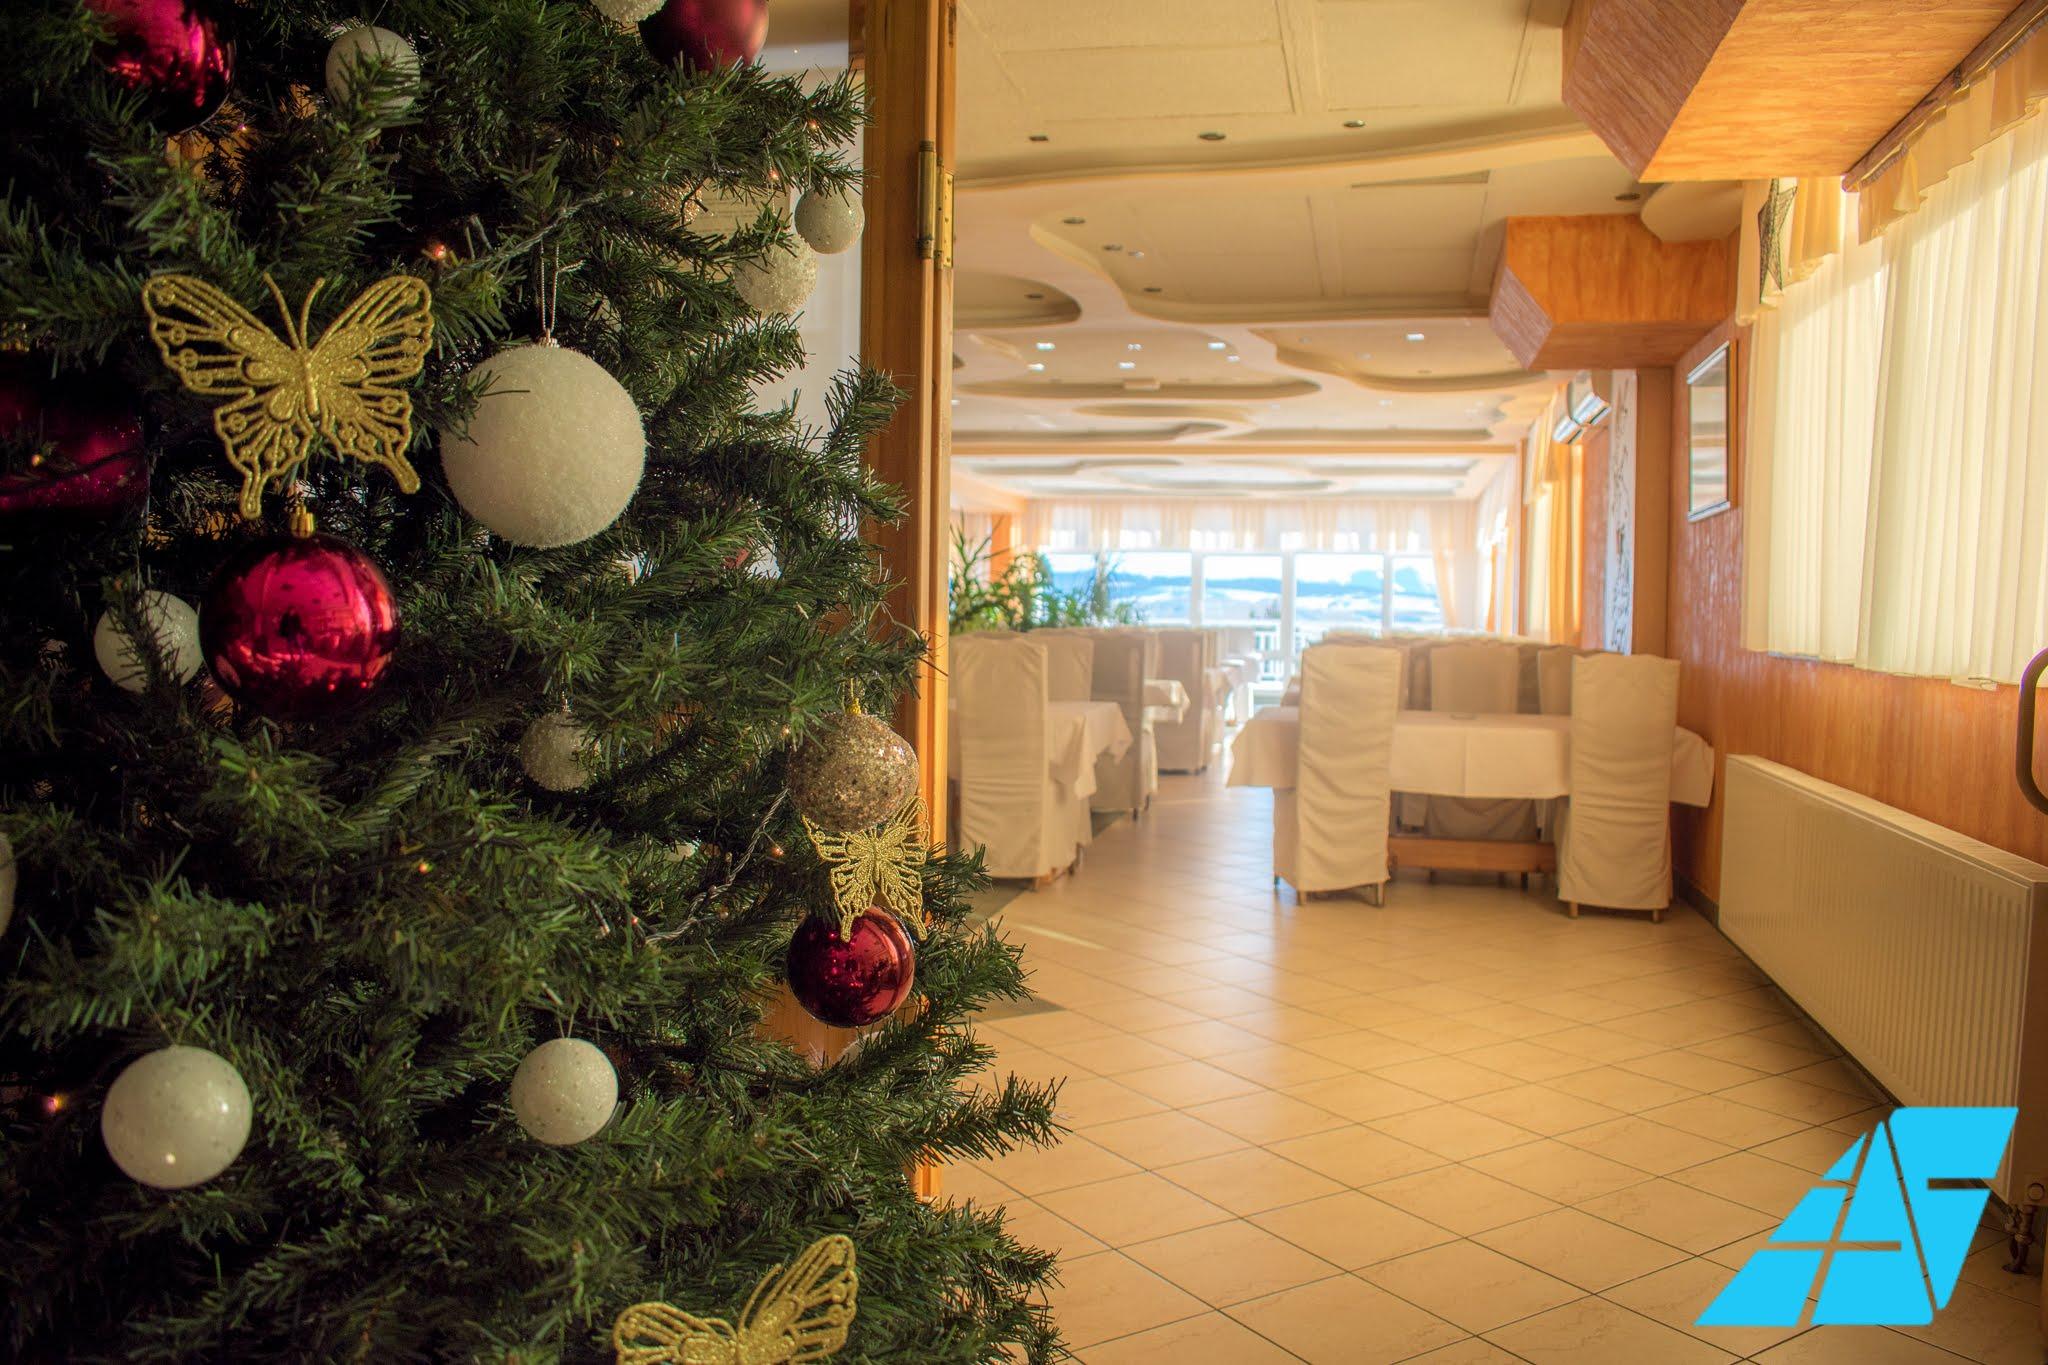 Božićno drvce detalj